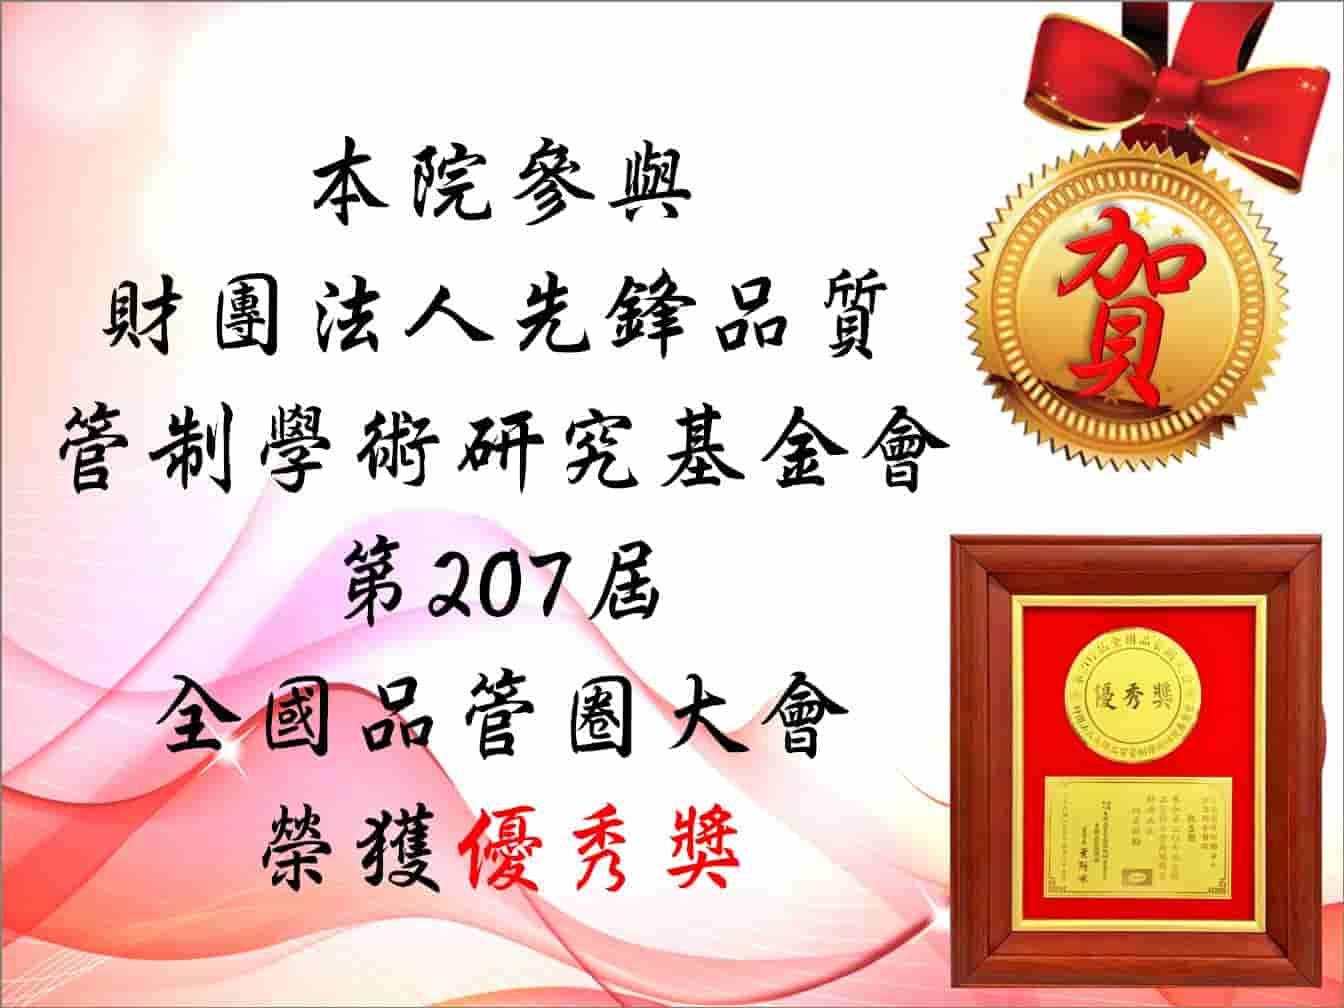 1090616「第207屆全國品管圈大會」優秀獎